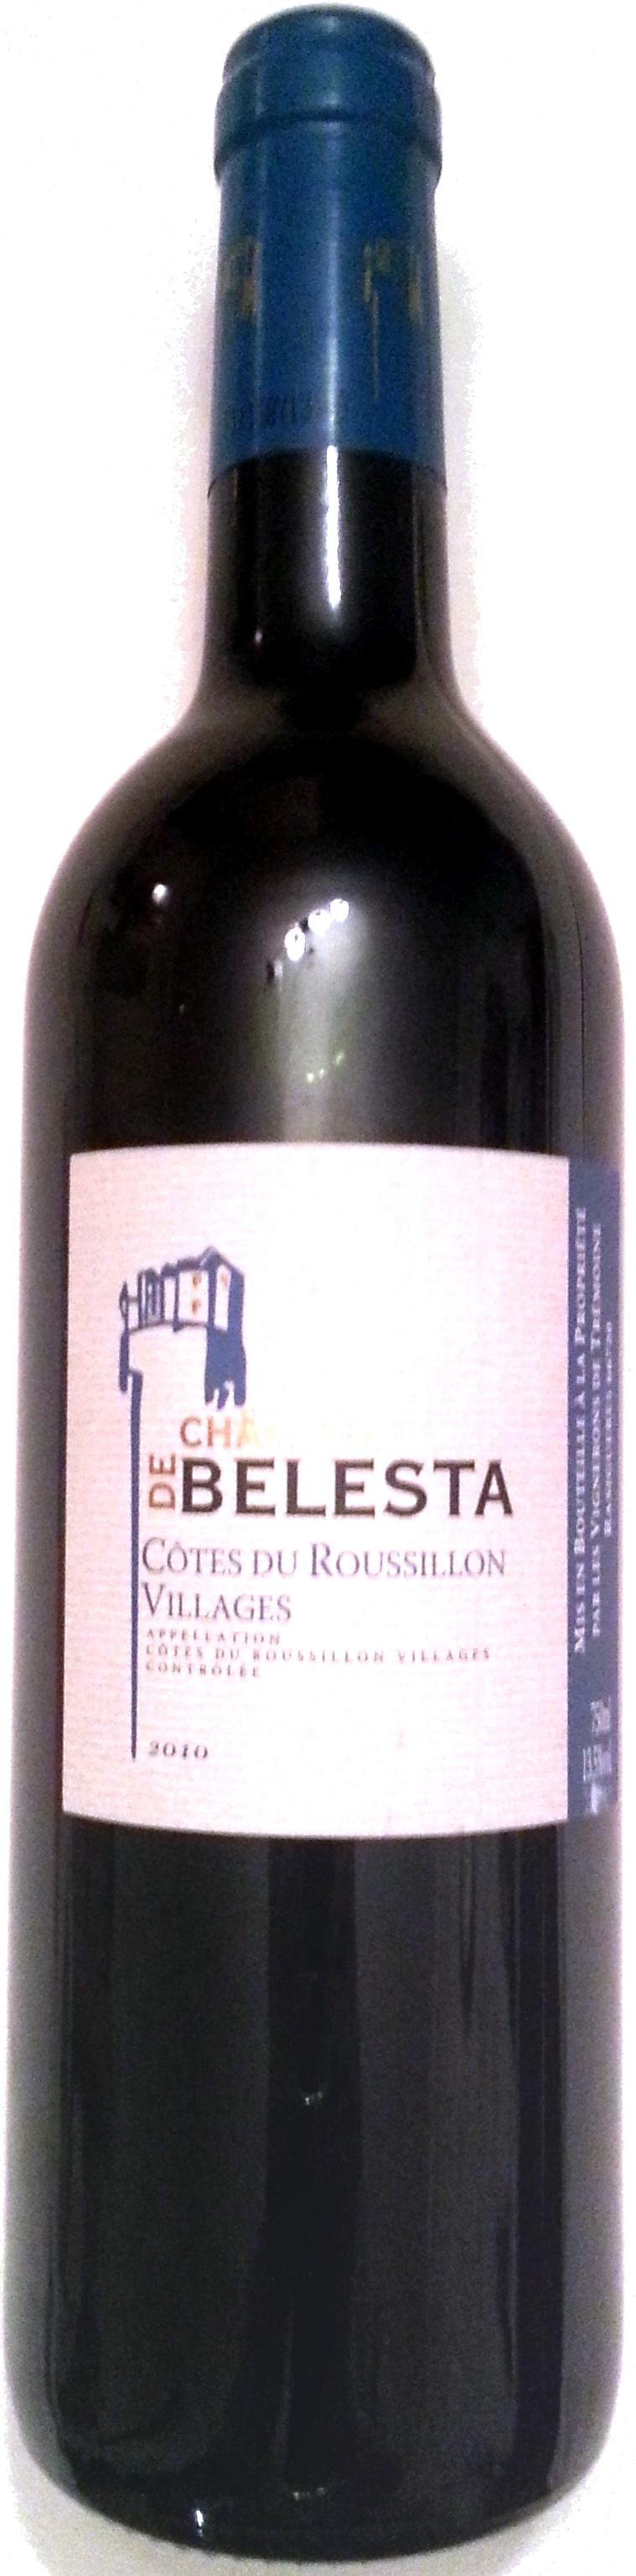 Château de Bellesta - Produit - fr